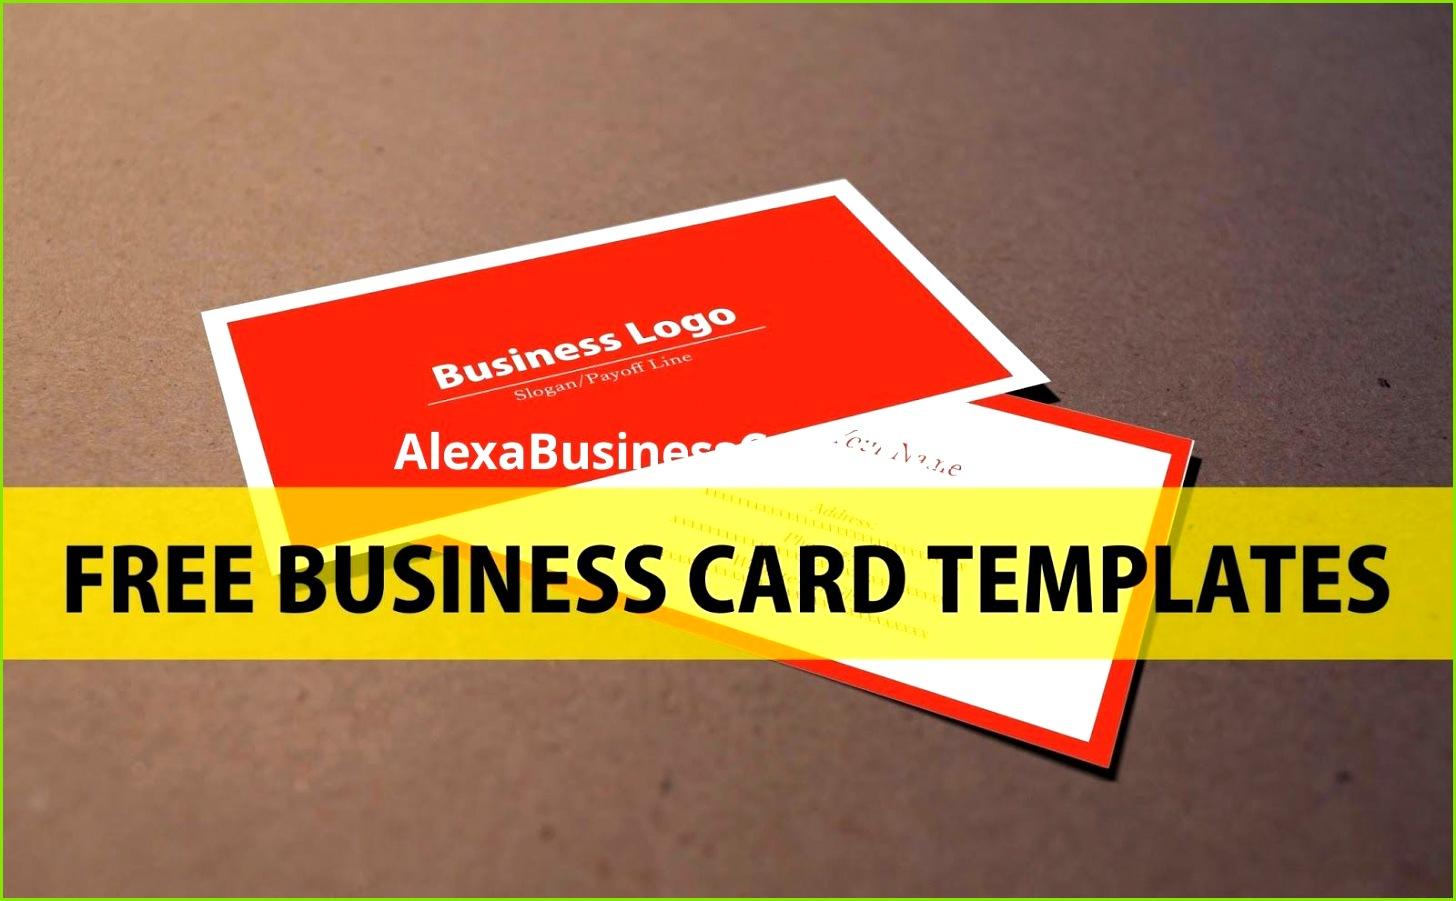 Kostenlose Vorlagen Für Visitenkarten Design Mit Kostenlosen Visitenkarten Vorlagen Buchhaltung Auch Kostenlose Vorlage Für Visitenkarten Rohlinge